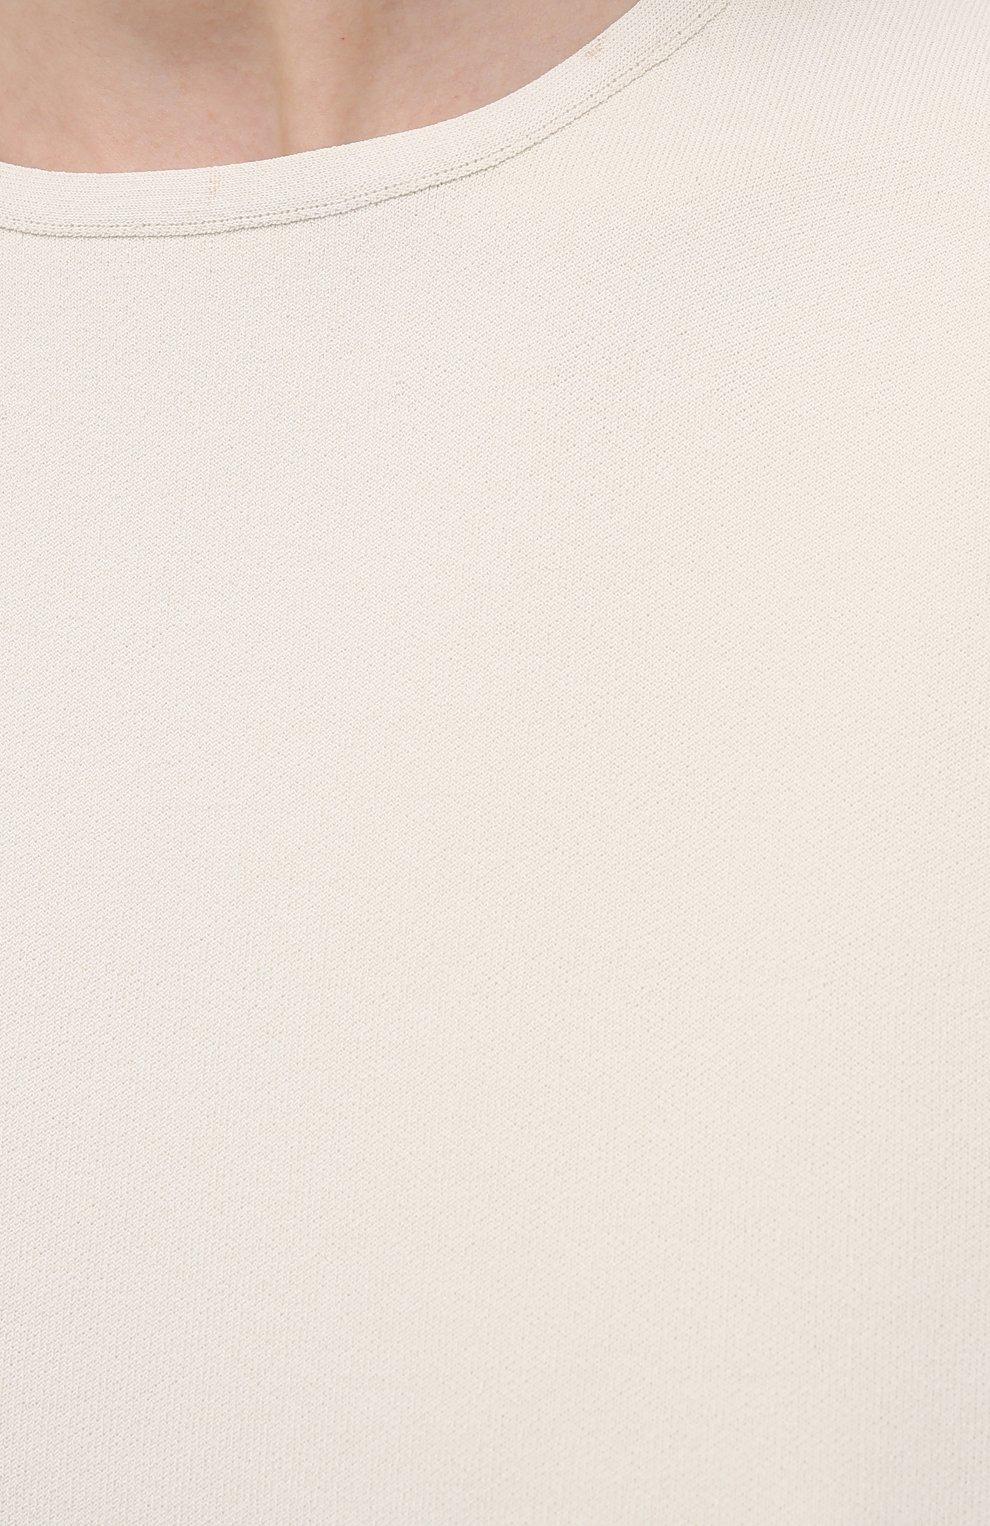 Женский топ из вискозы JIL SANDER светло-бежевого цвета, арт. JSWS754315-WSY39148   Фото 5 (Кросс-КТ: без рукавов; Длина (для топов): Стандартные; Материал внешний: Вискоза; Рукава: Без рукавов; Стили: Кэжуэл)